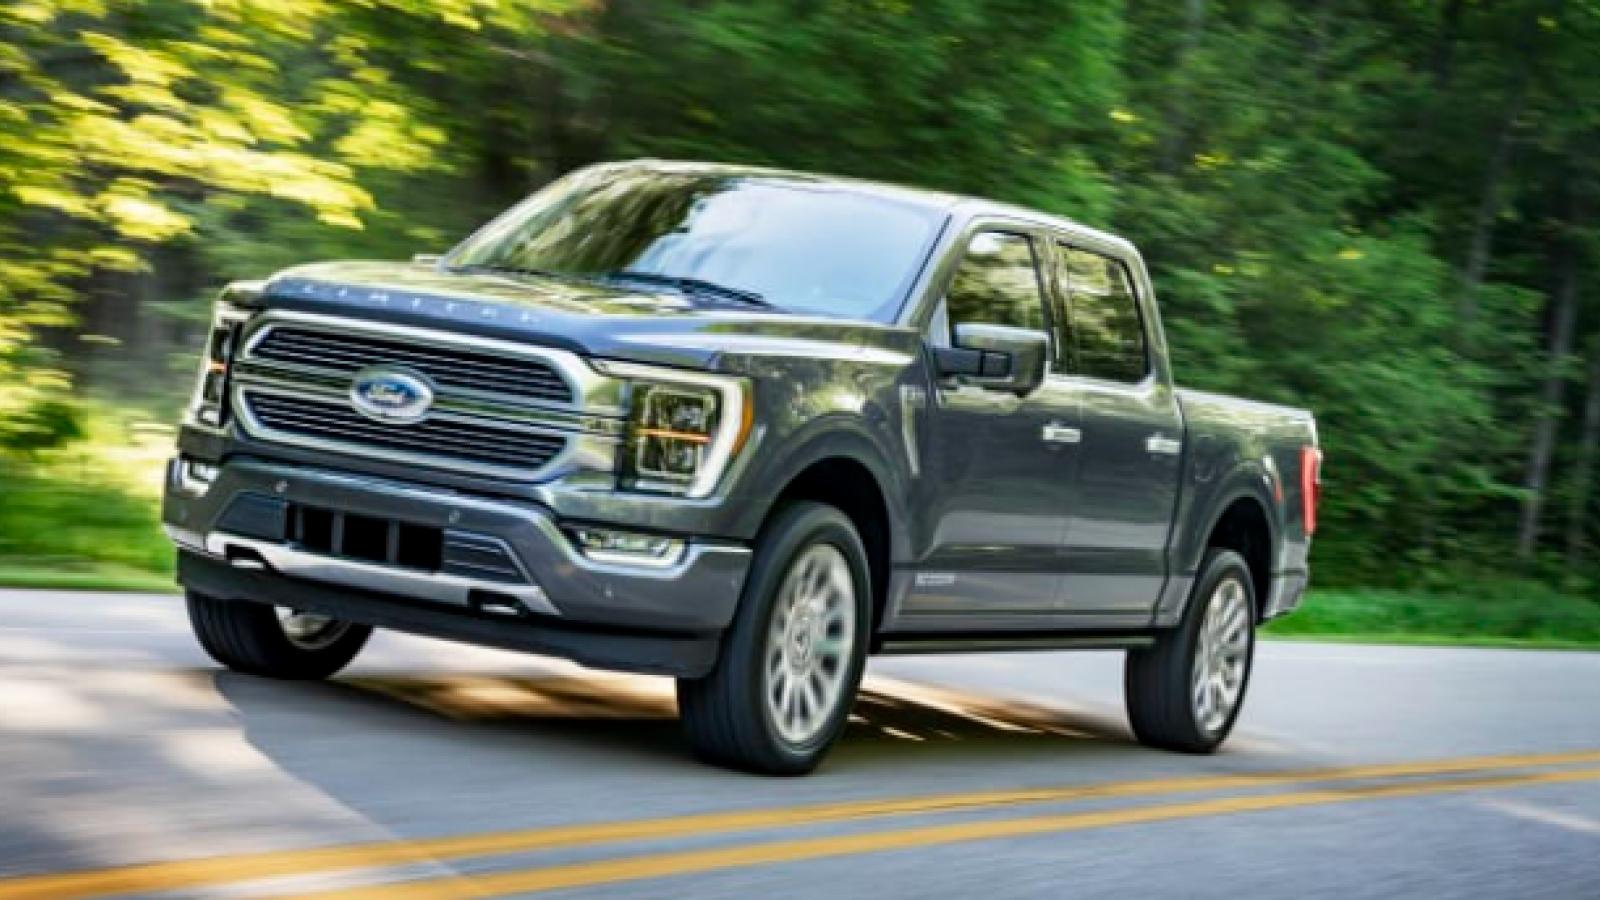 Doanh số Quý III của Ford tăng vượt trội so với đối thủ sau khi phục hồi từ đại dịch